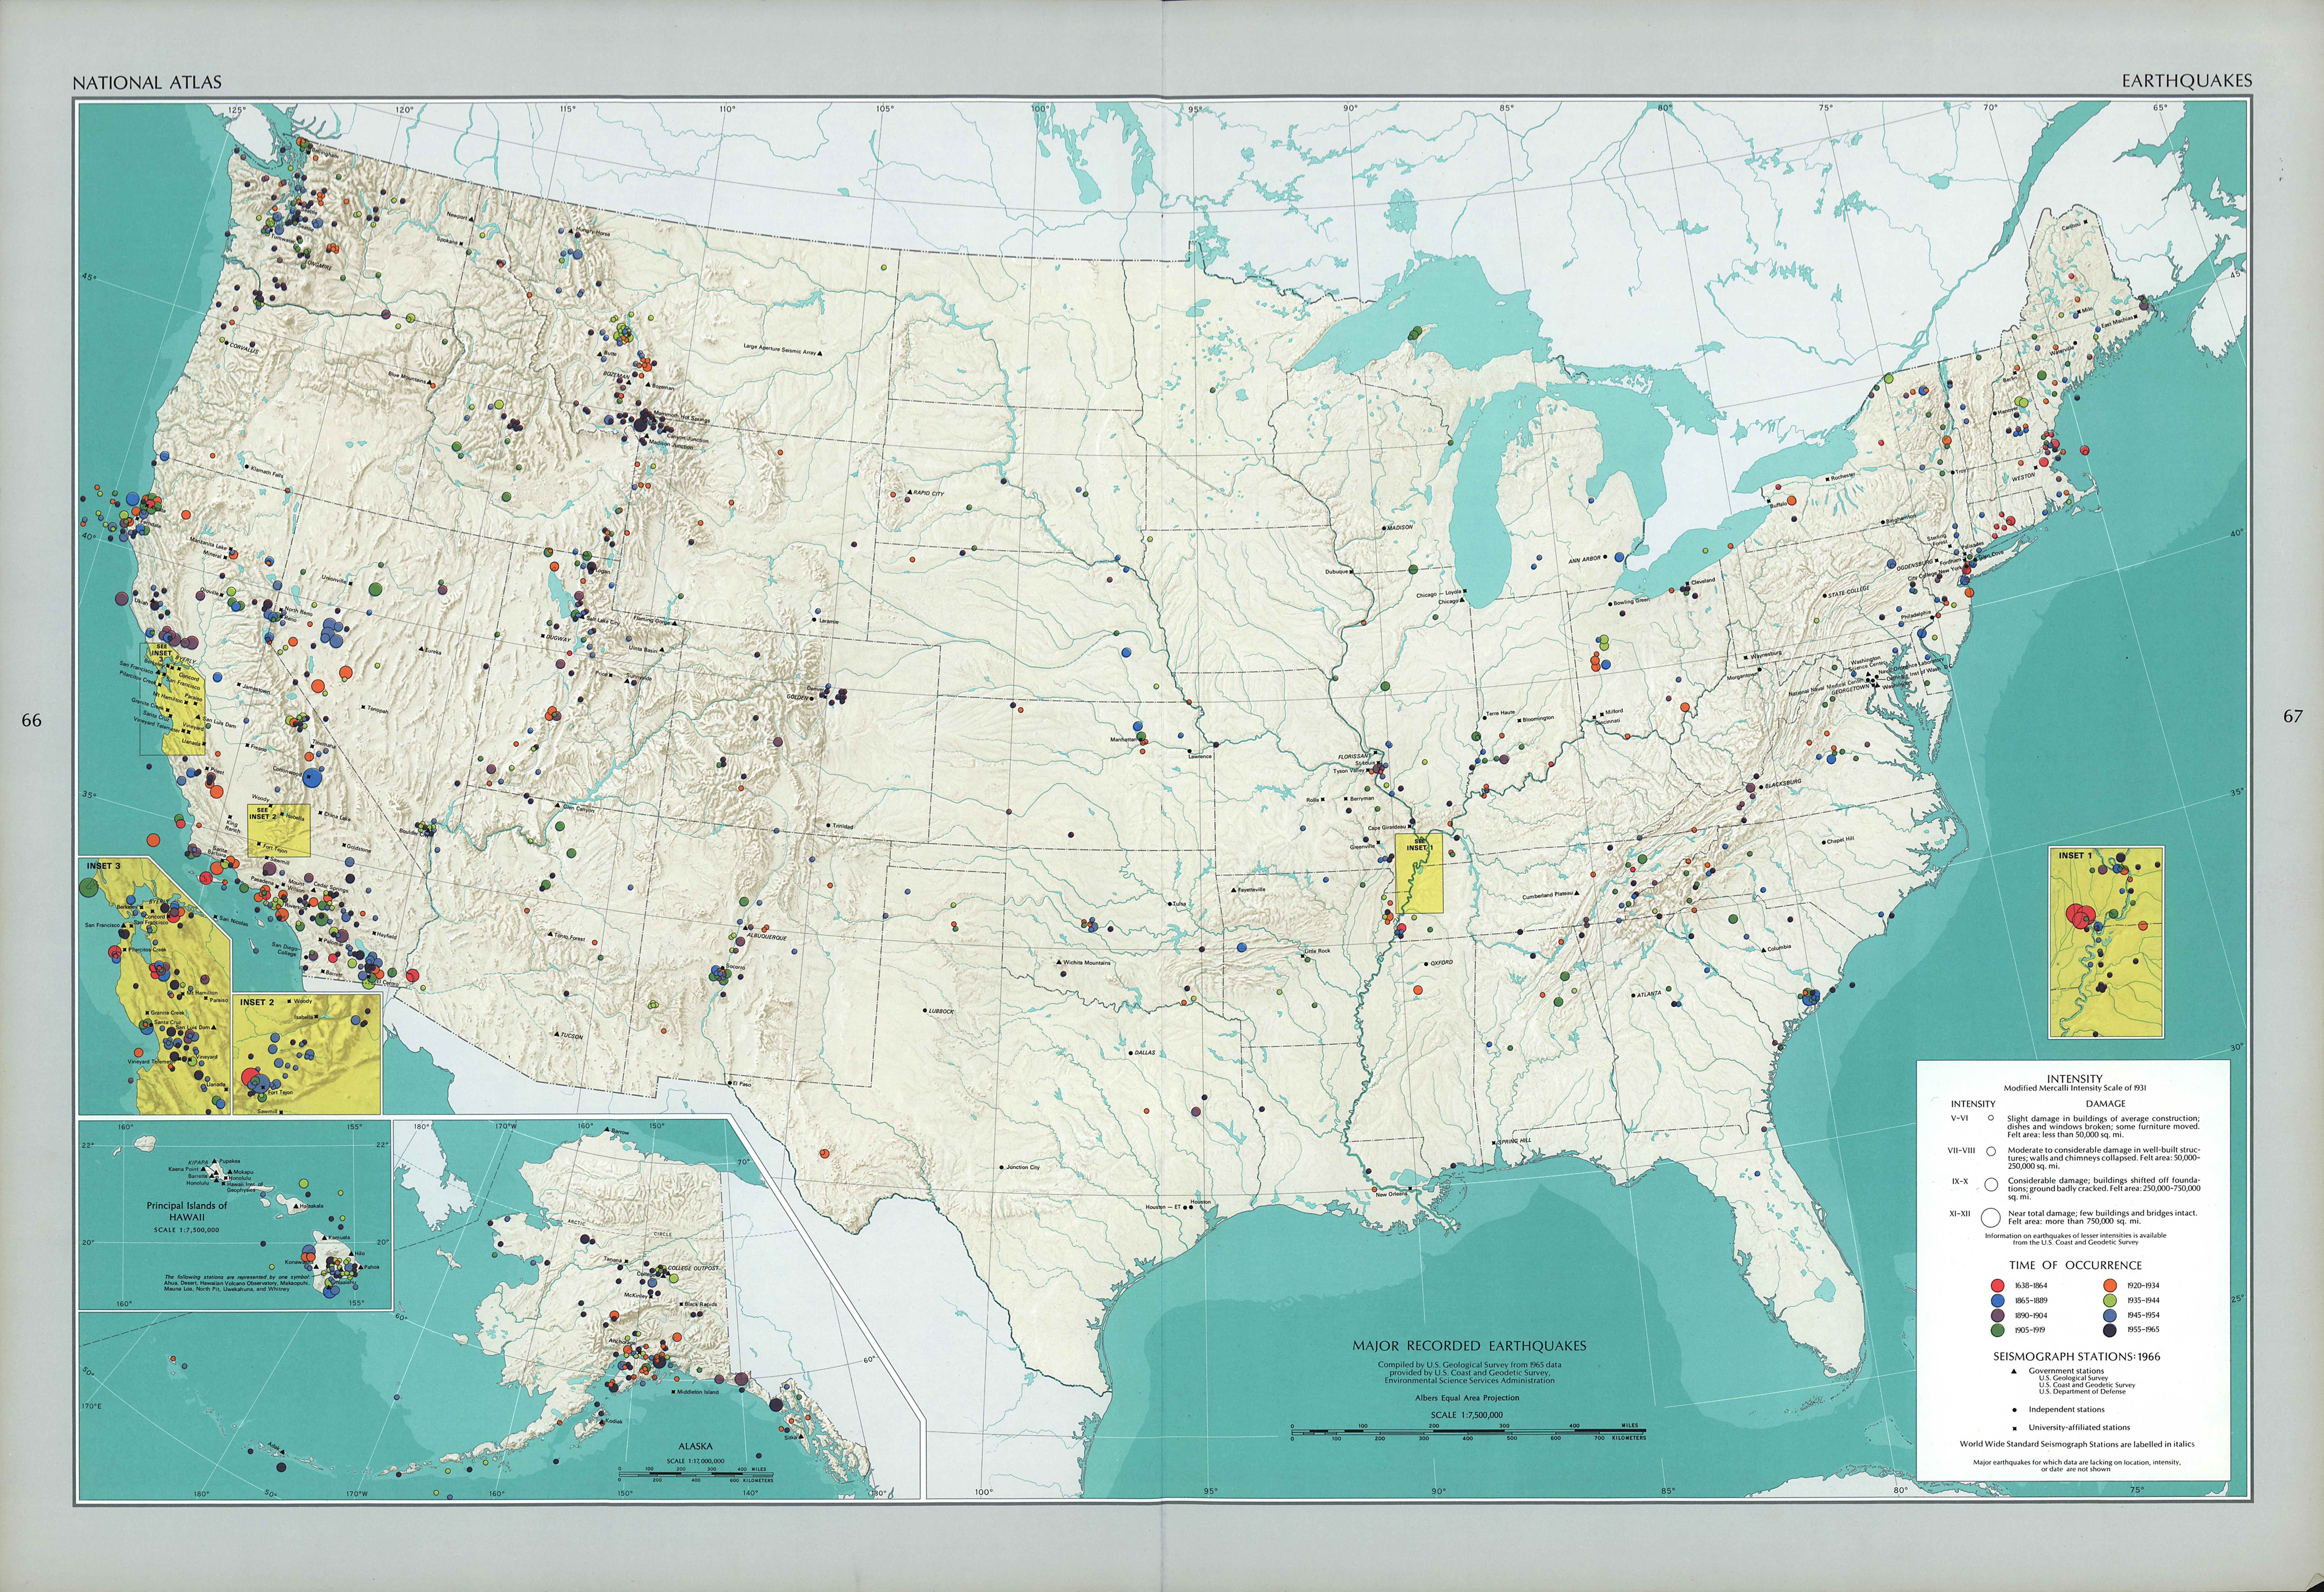 United States Earthquakes 1638 - 1965